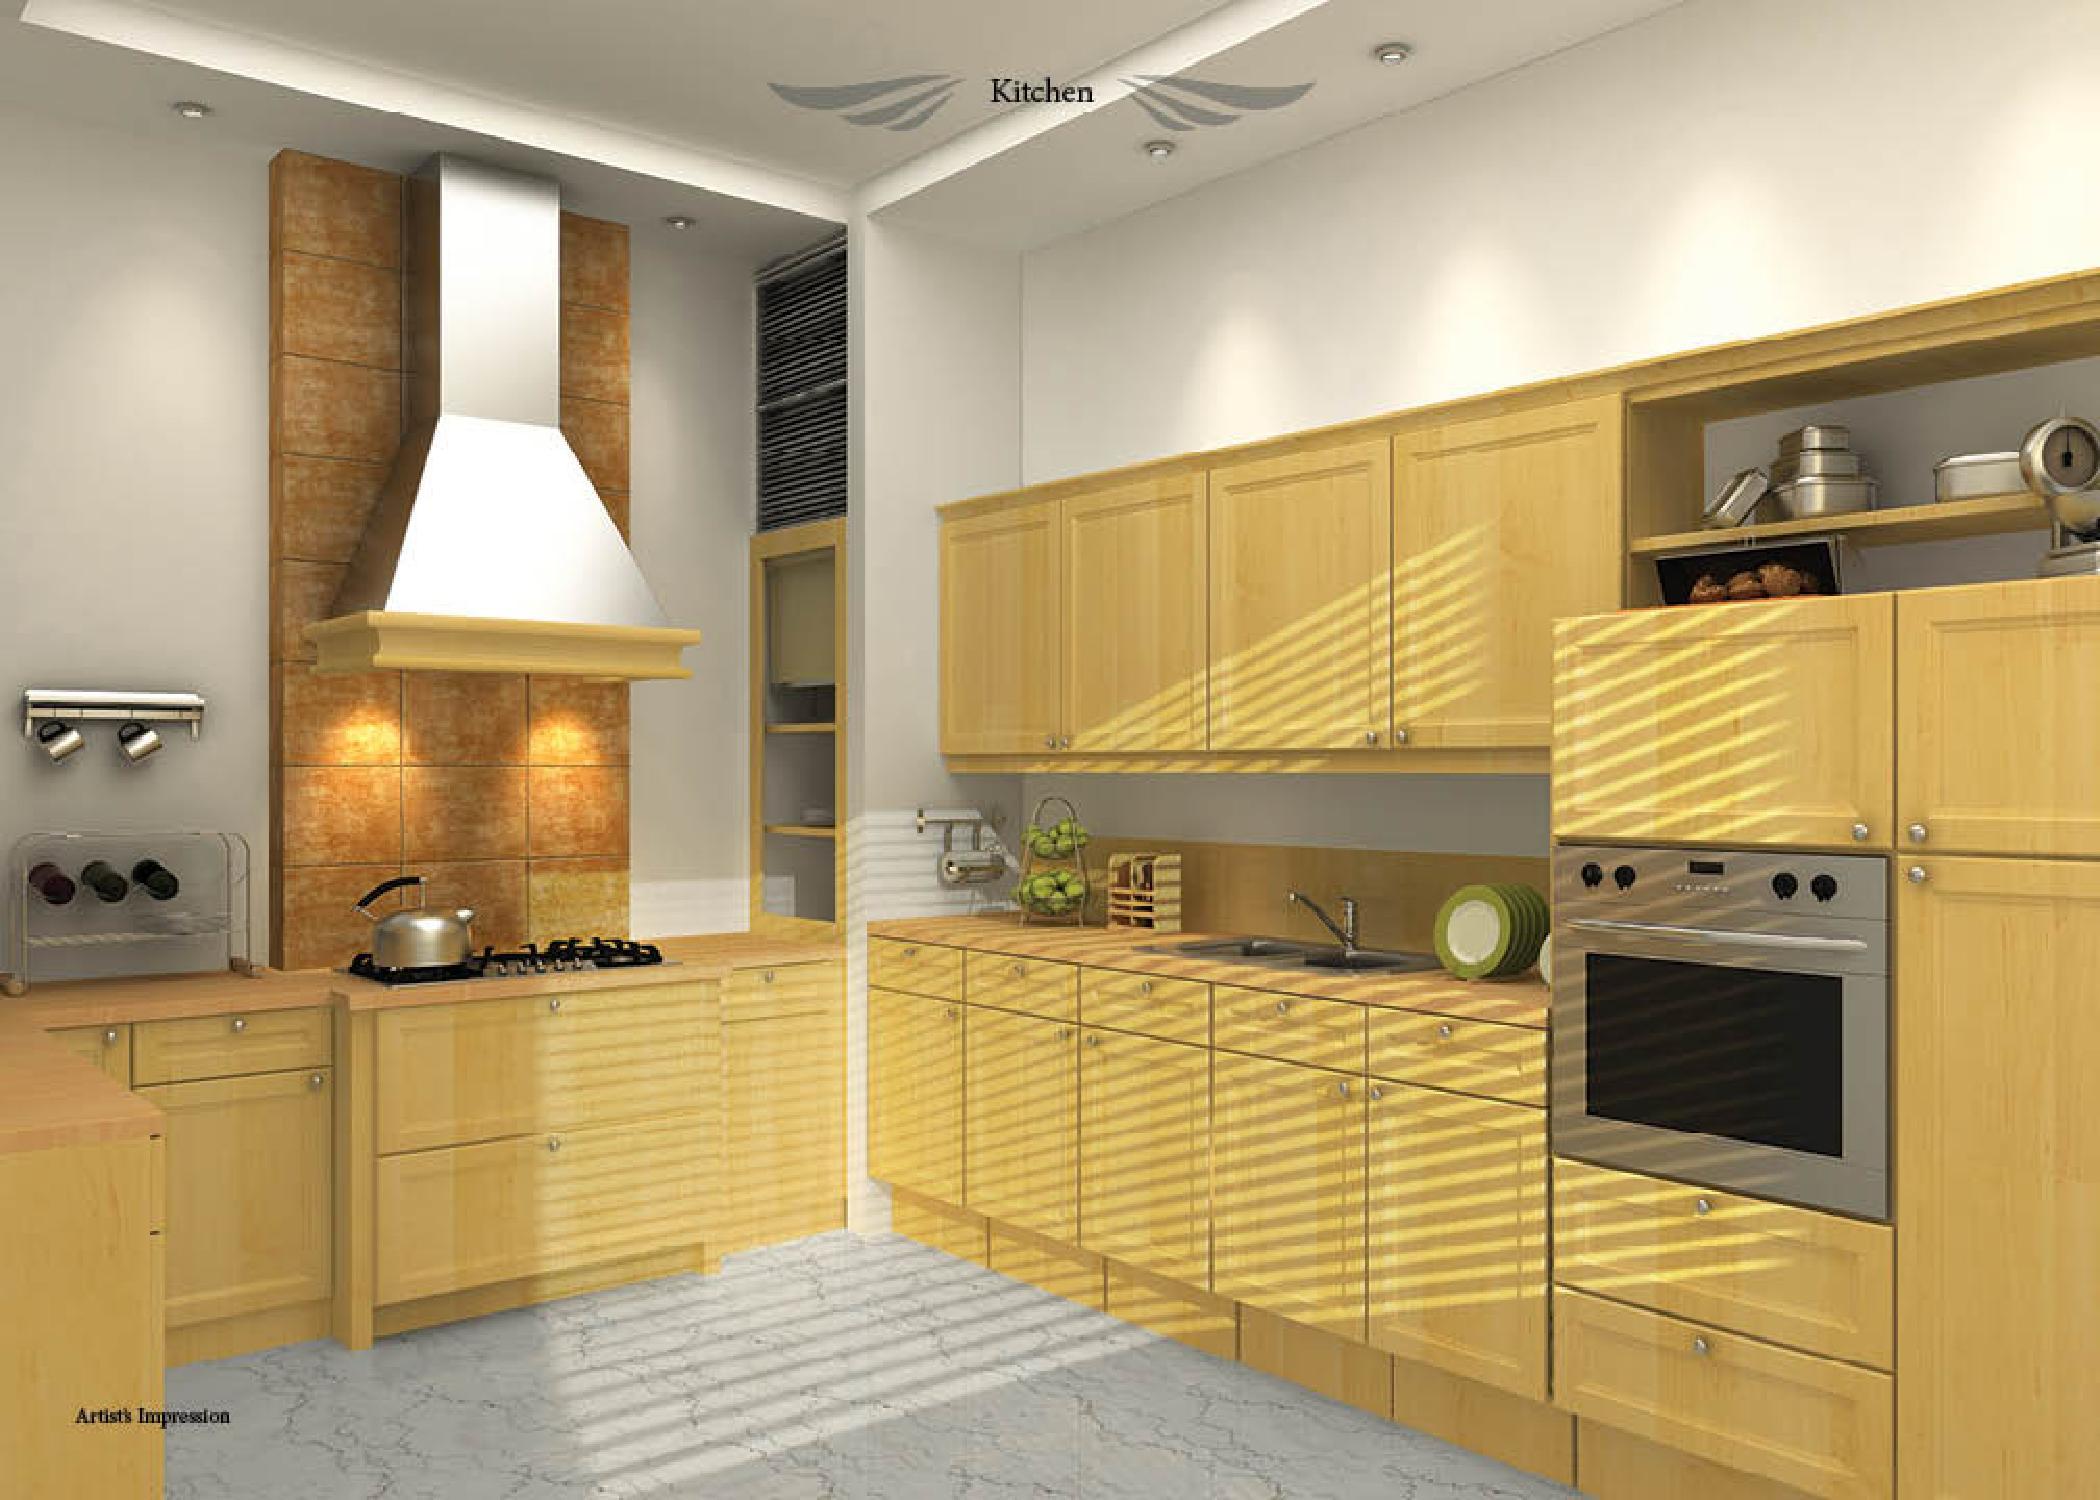 Prestige-Leela-Residences-Apartment-in-Kodihalli-Bangalore-Image-06